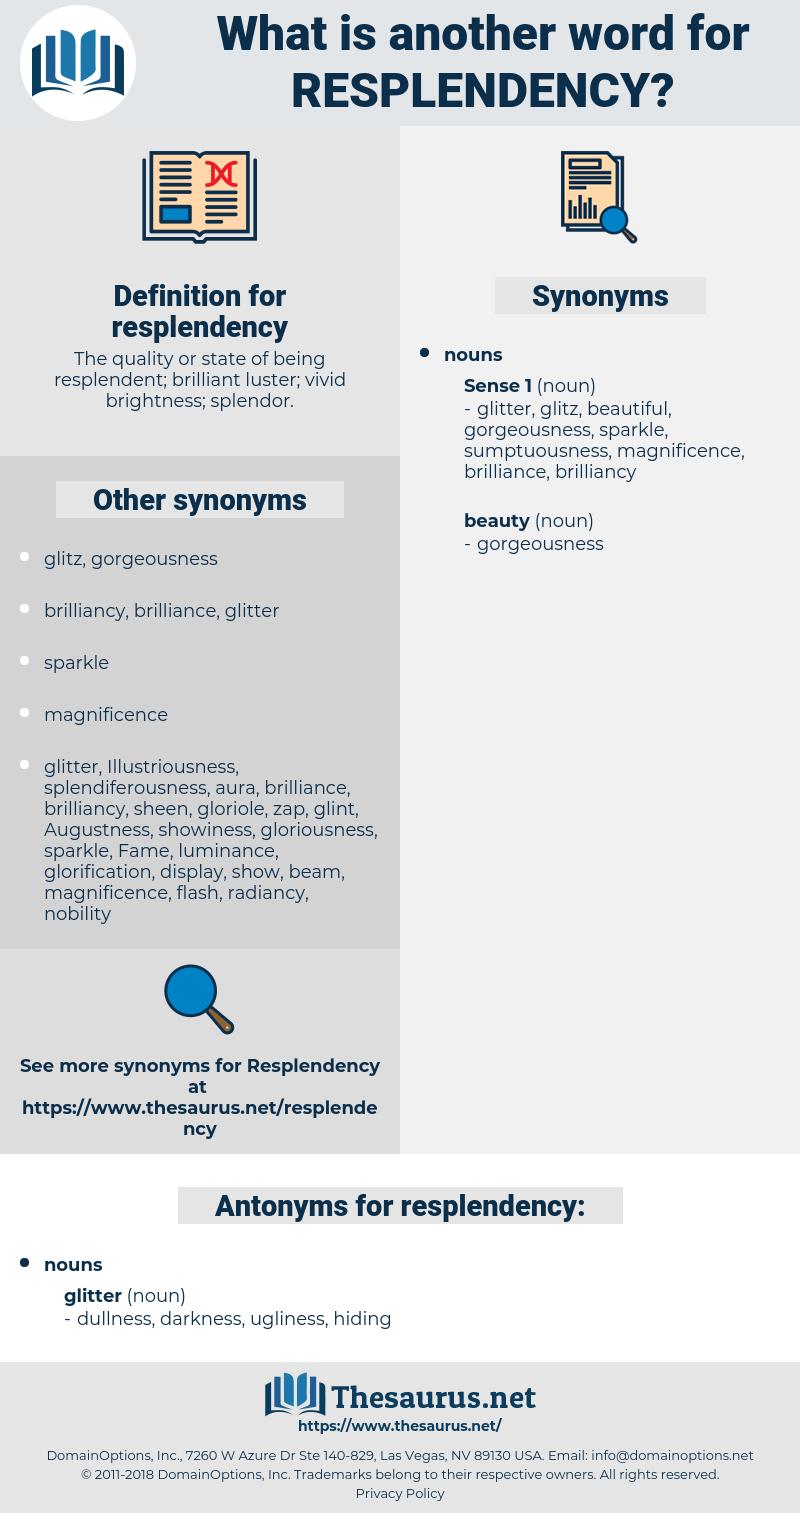 resplendency, synonym resplendency, another word for resplendency, words like resplendency, thesaurus resplendency